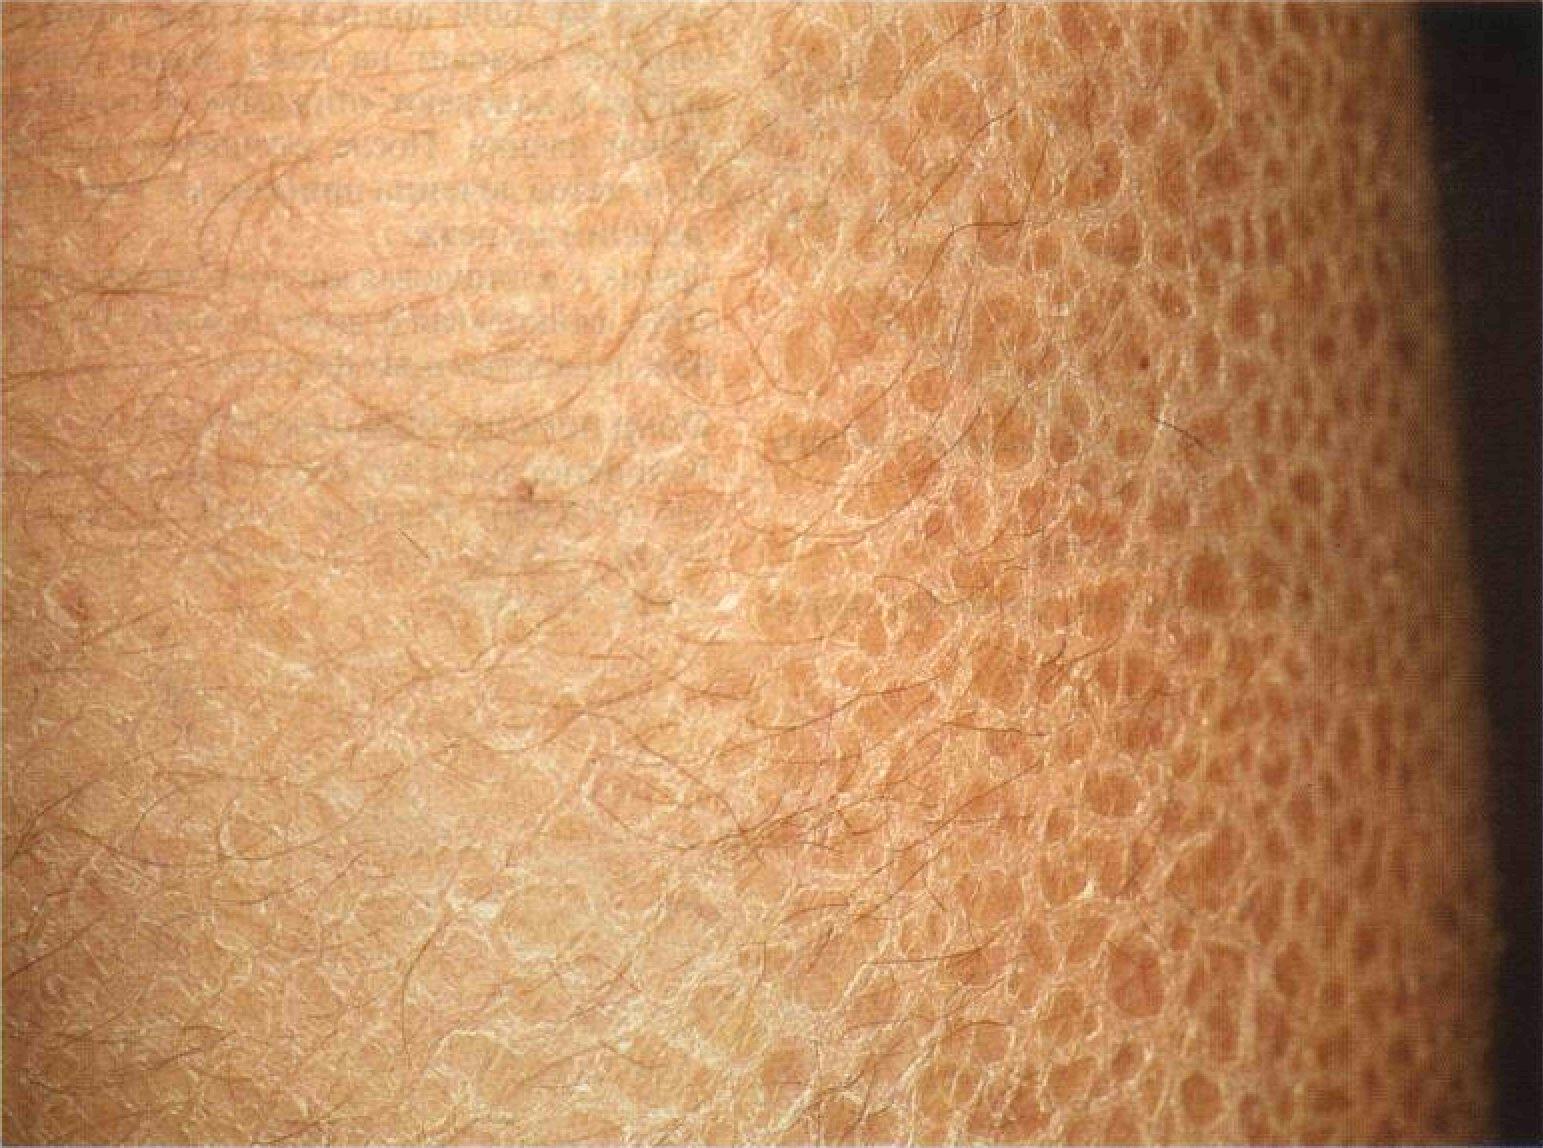 Шелушение кожи члена 6 фотография